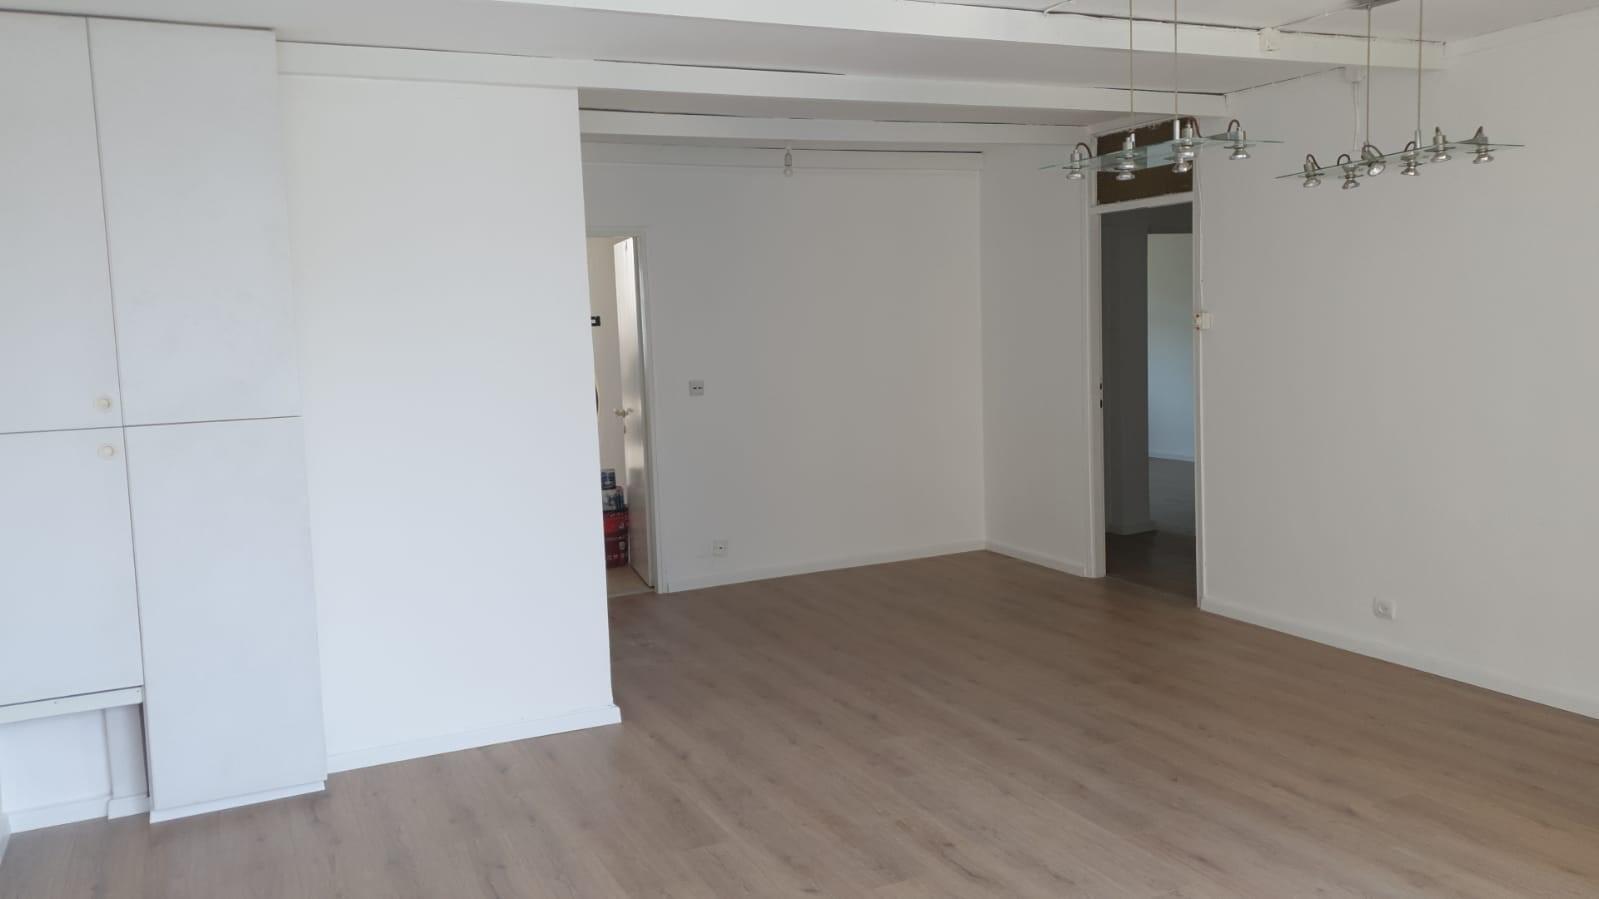 תמונה 3 ,דירה 4 חדרים מעפילי אגוז נוה חן תל אביב יפו